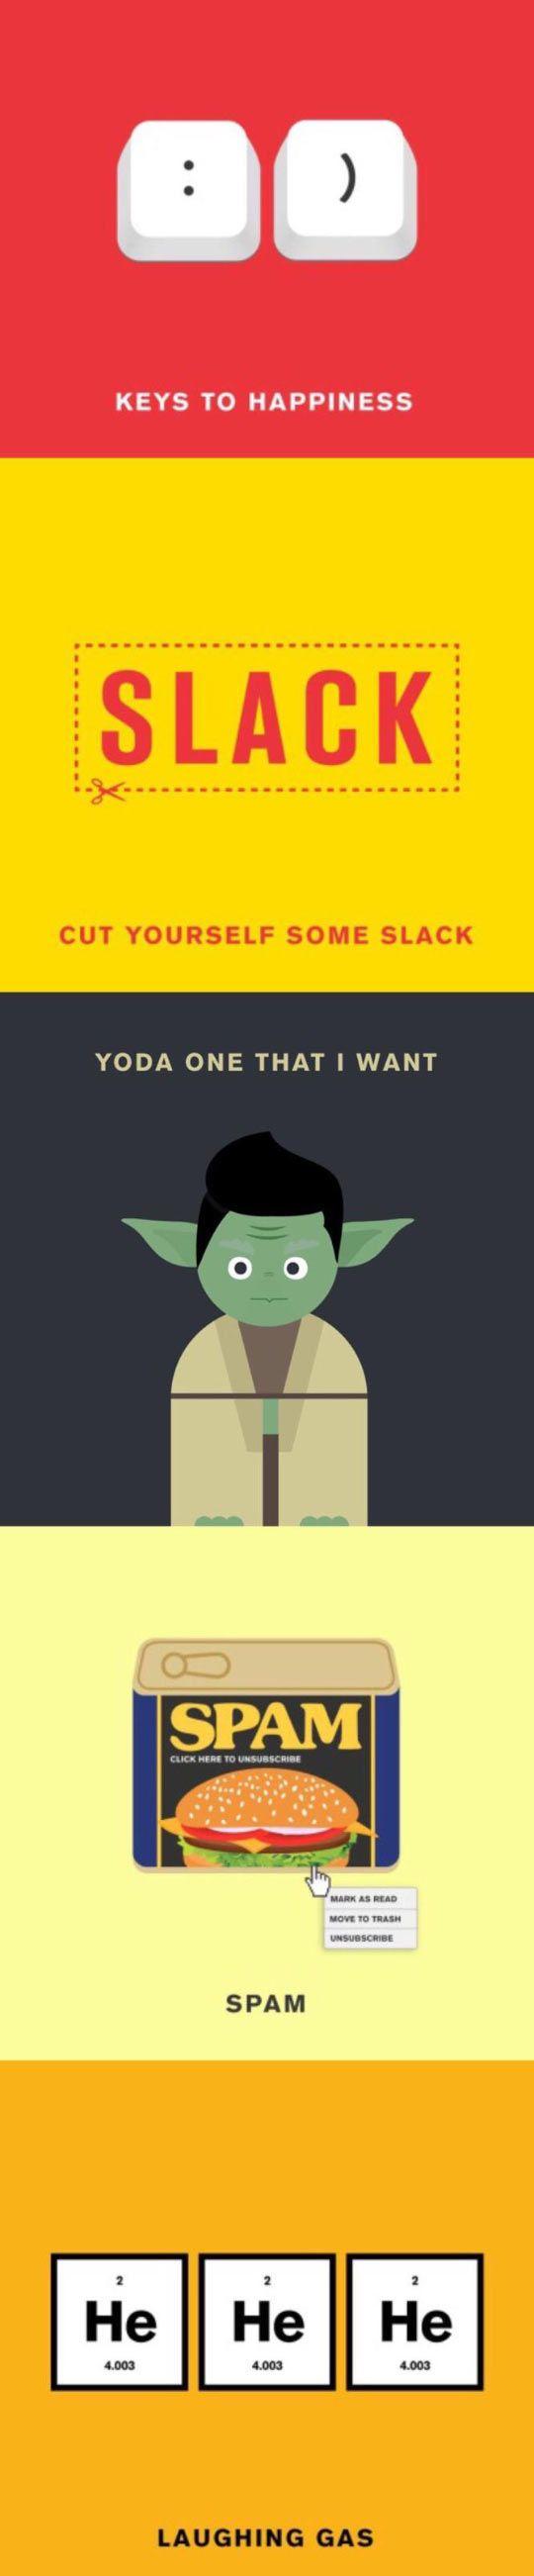 I Love That Yoda